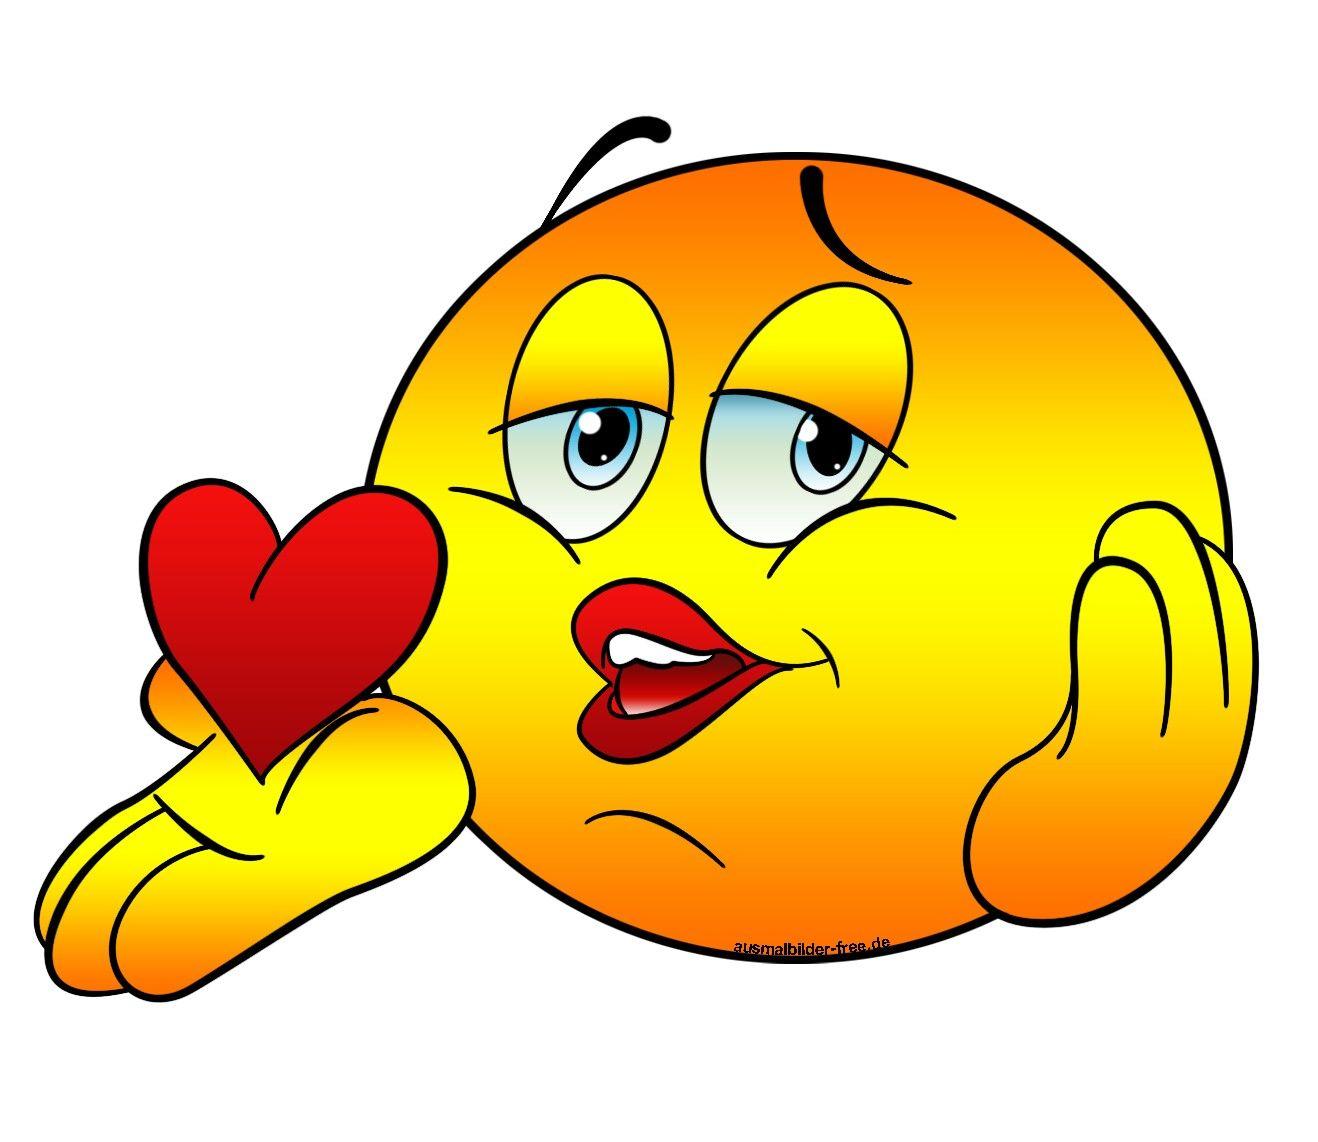 Смайлики картинки веселые поцелуйчики, мамы новый